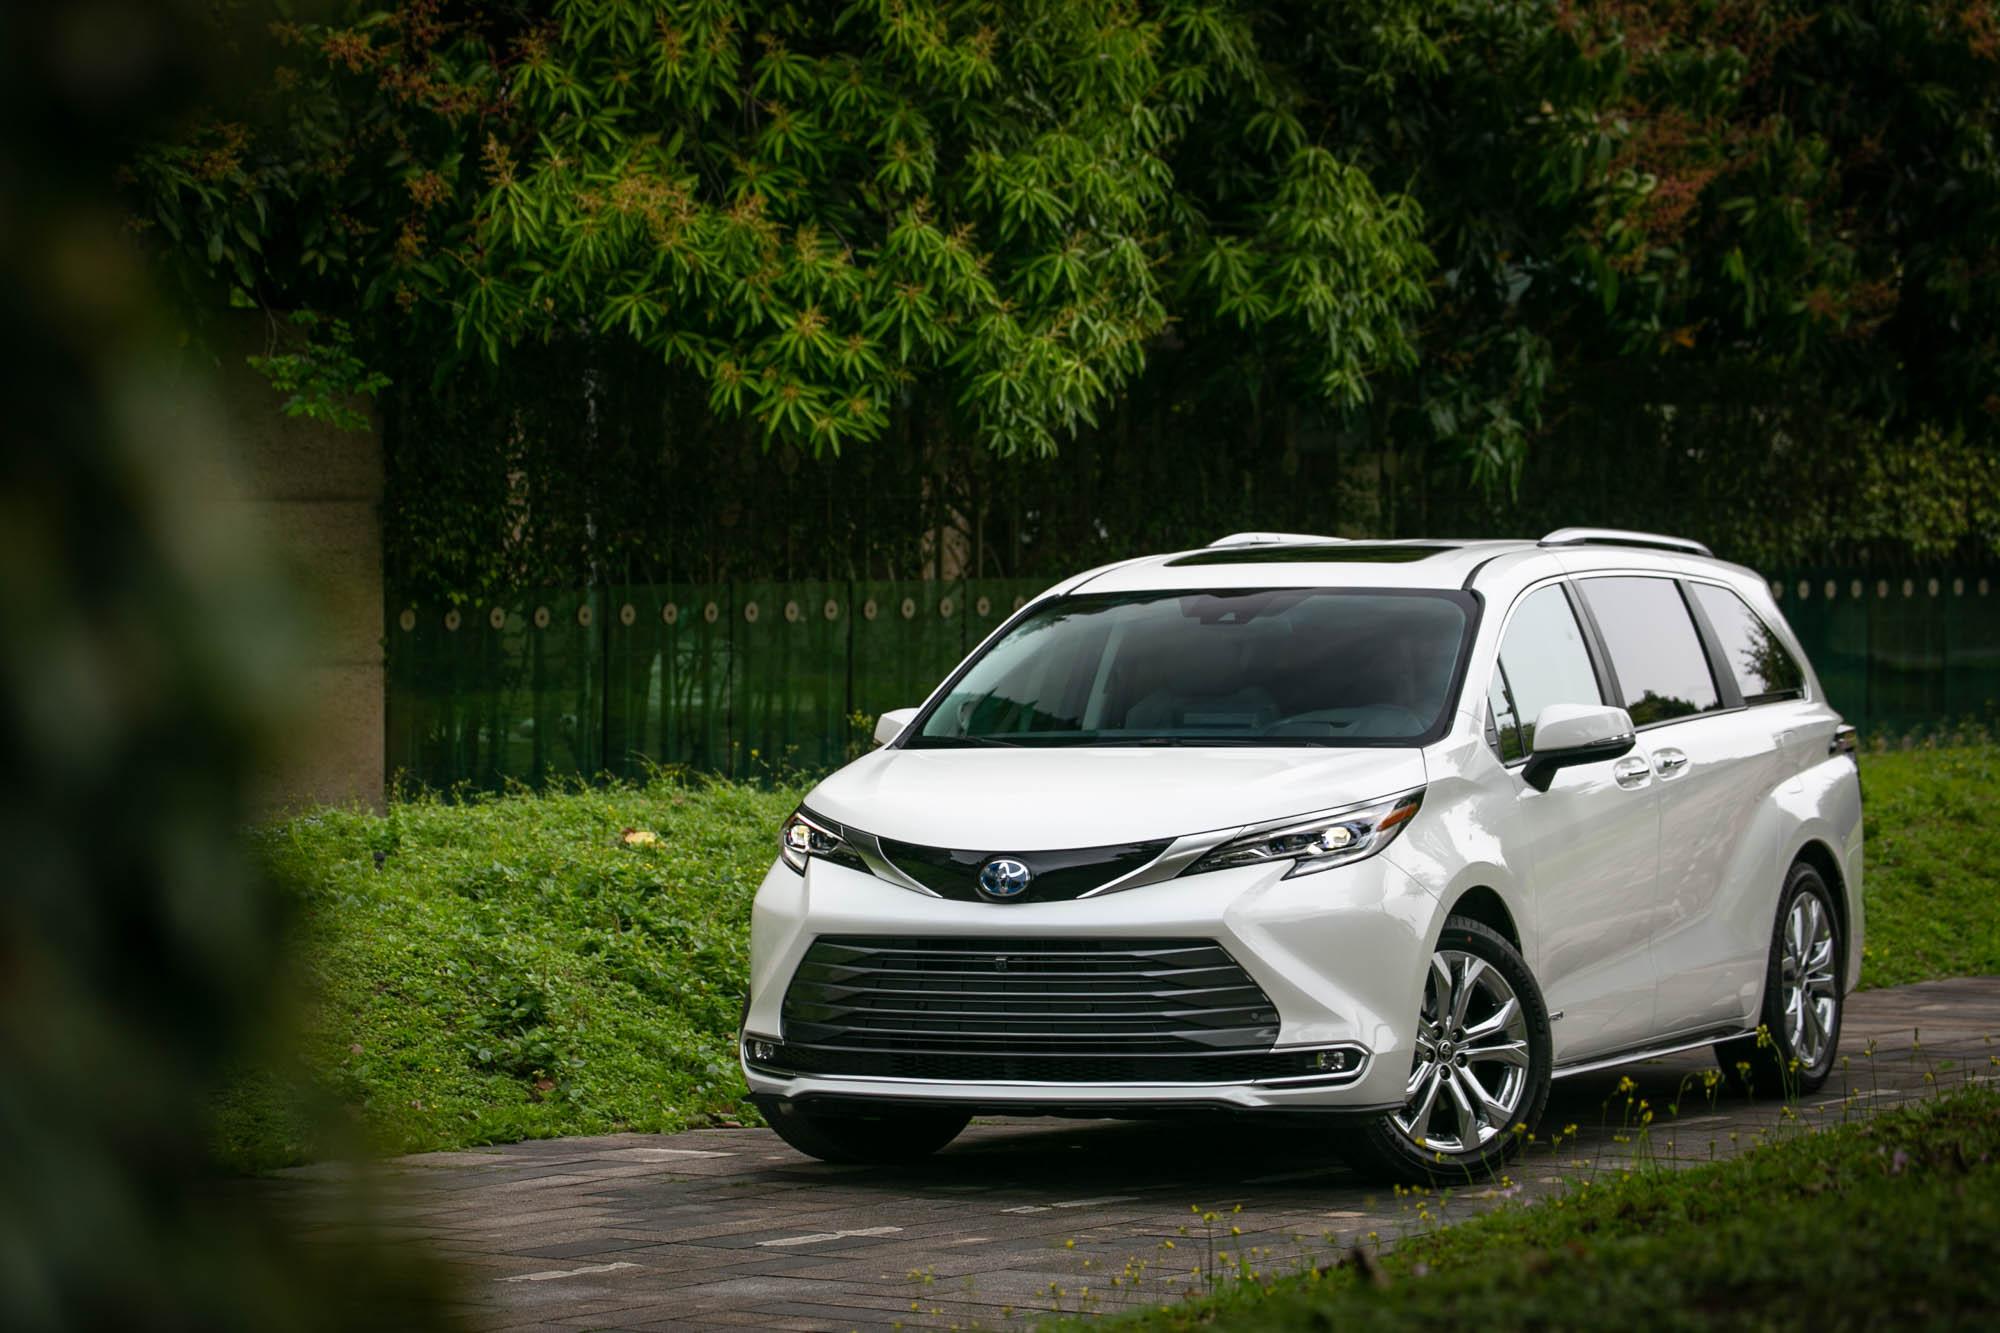 試駕車款為 Toyota 全新 Sienna 鉑金版,售價為新台幣 279 萬。